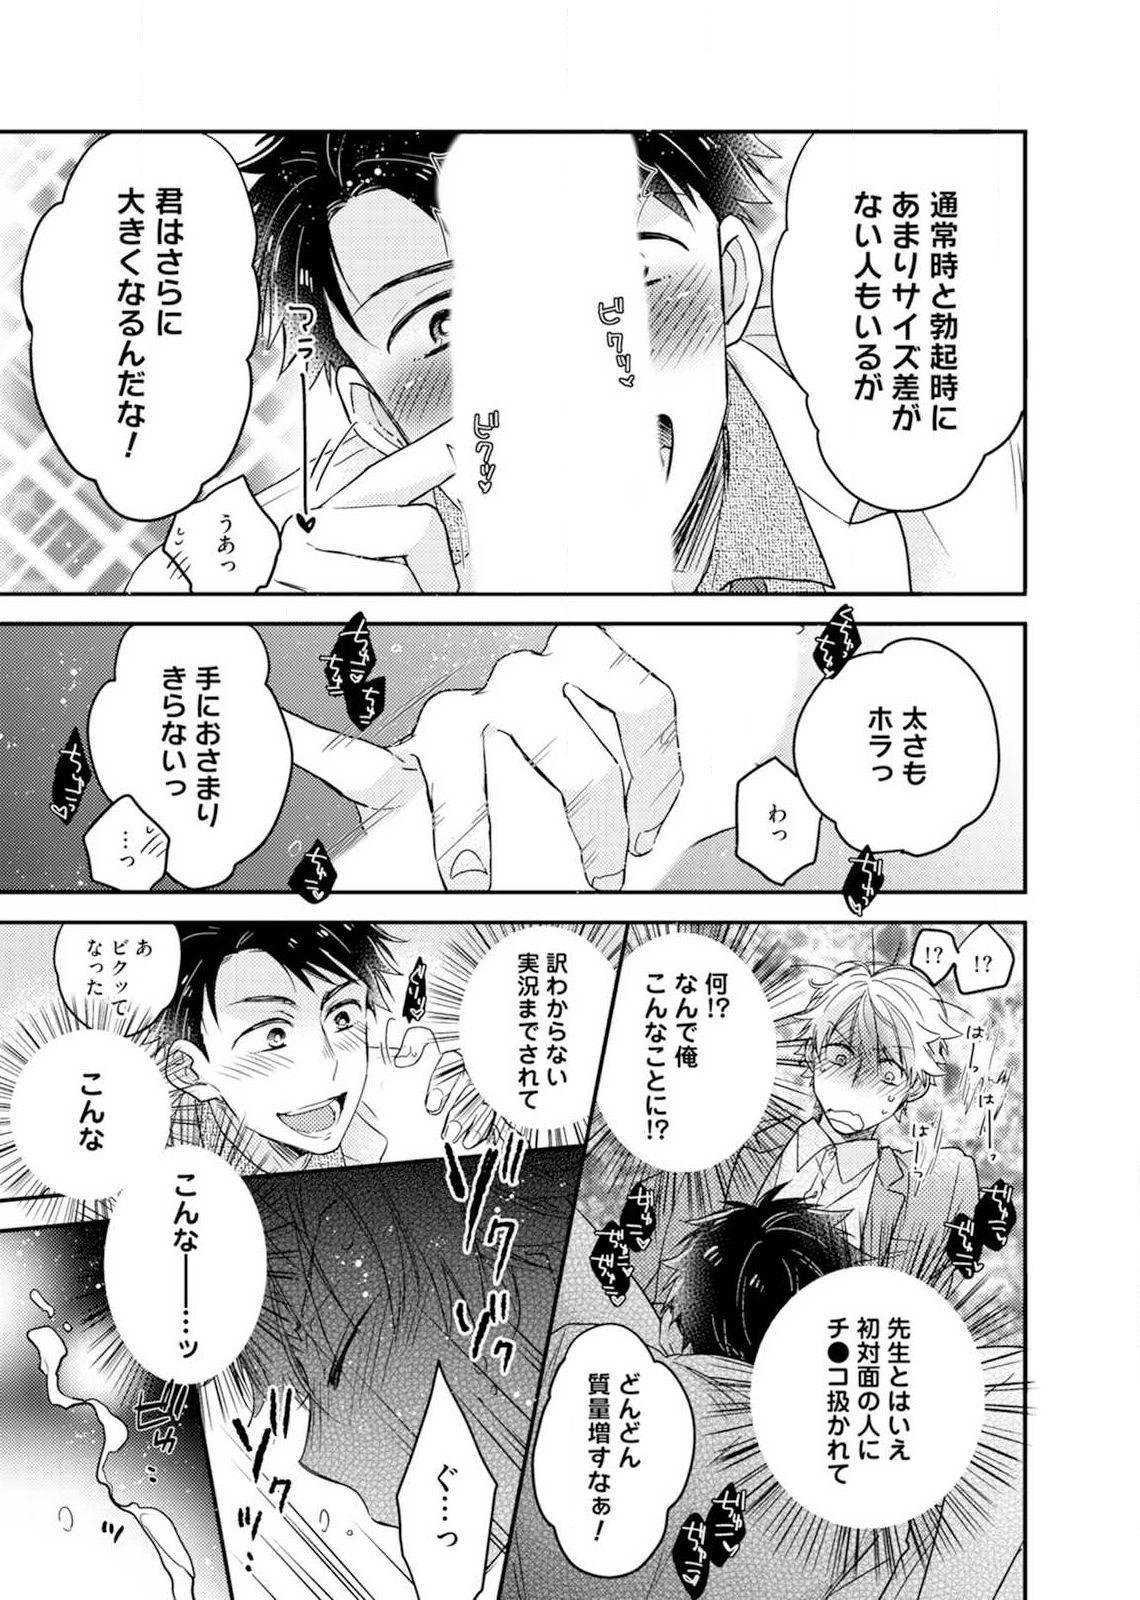 Kimi wa Kokan no Mochigusare Ch.1 17